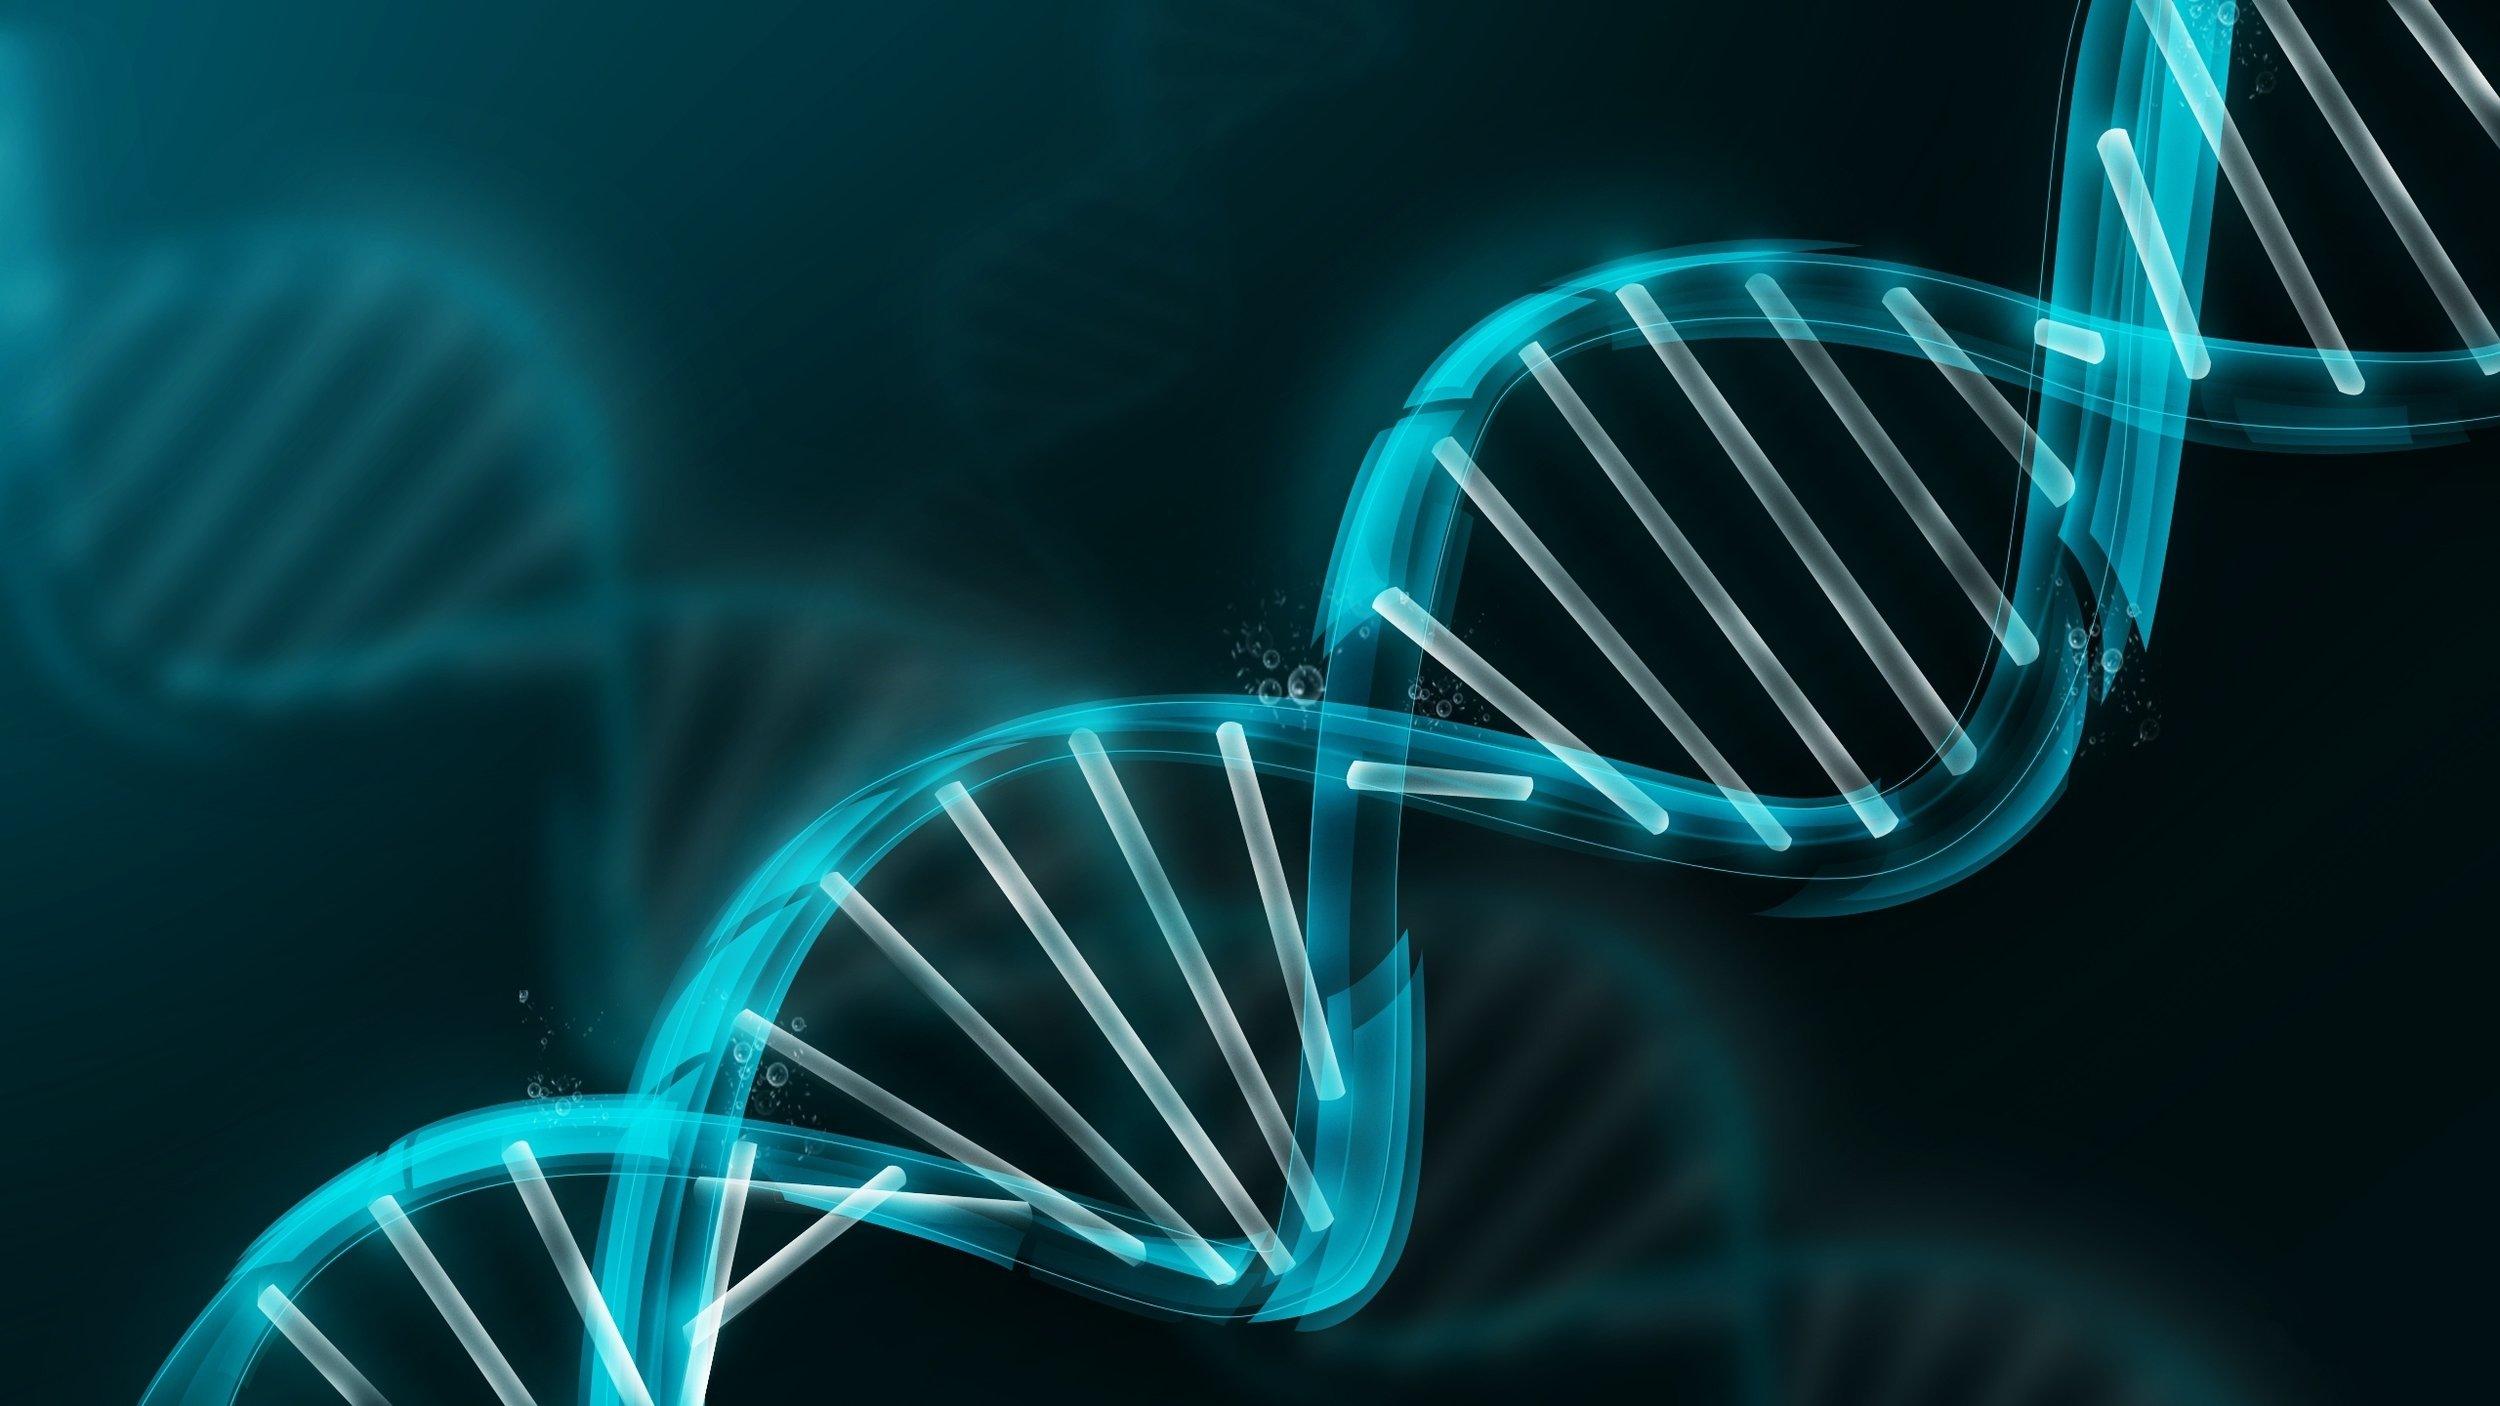 40116225-biochemistry-wallpapers-2.jpg